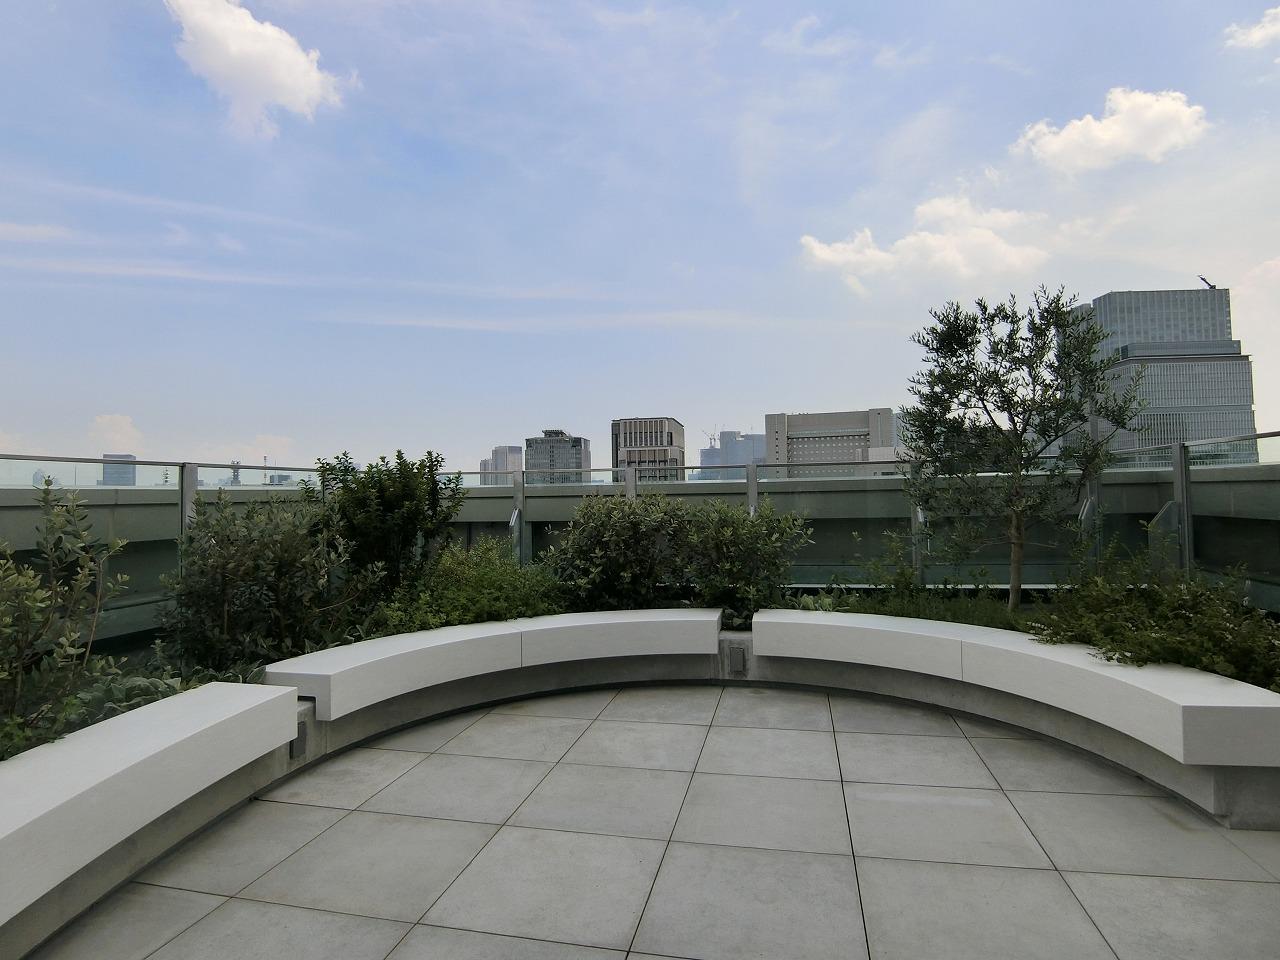 【デザイナーズオフィス】千代田区<br>新築 70坪ハイグレード